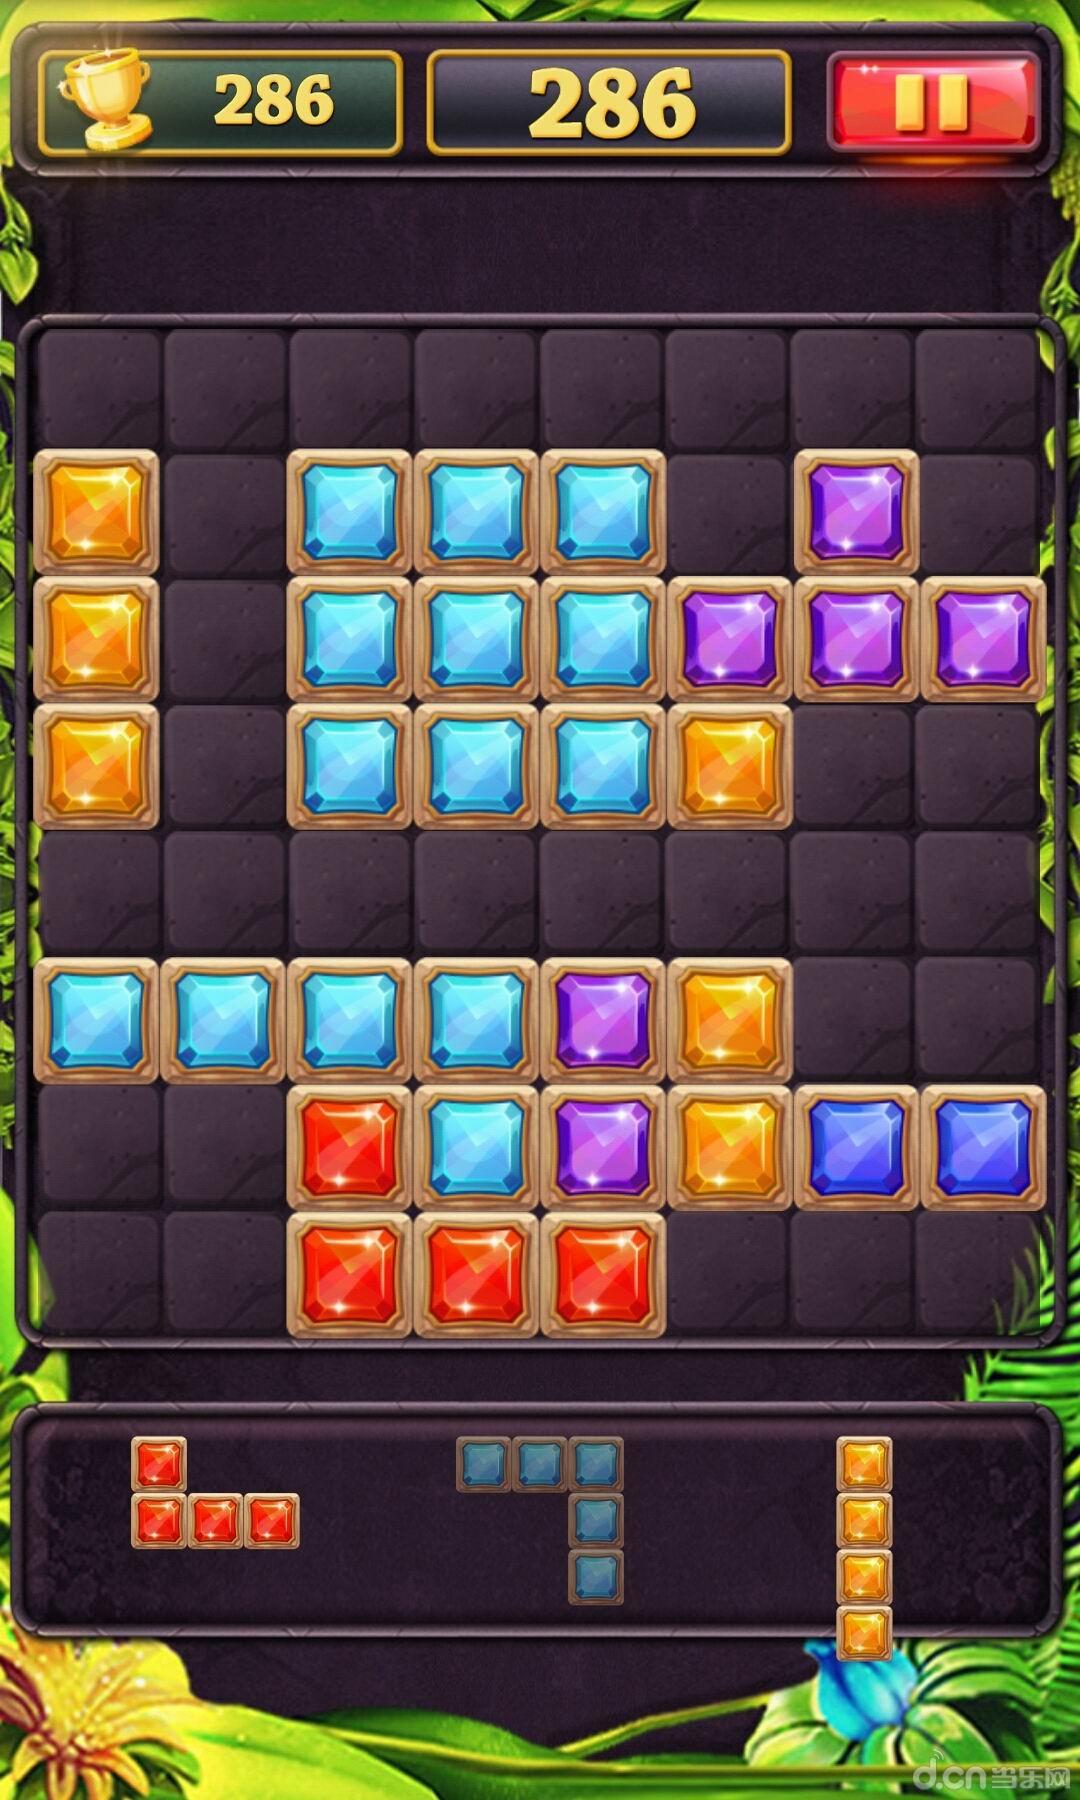 当屏幕中的空位不够填入下方出现的宝石时,游戏即失败.